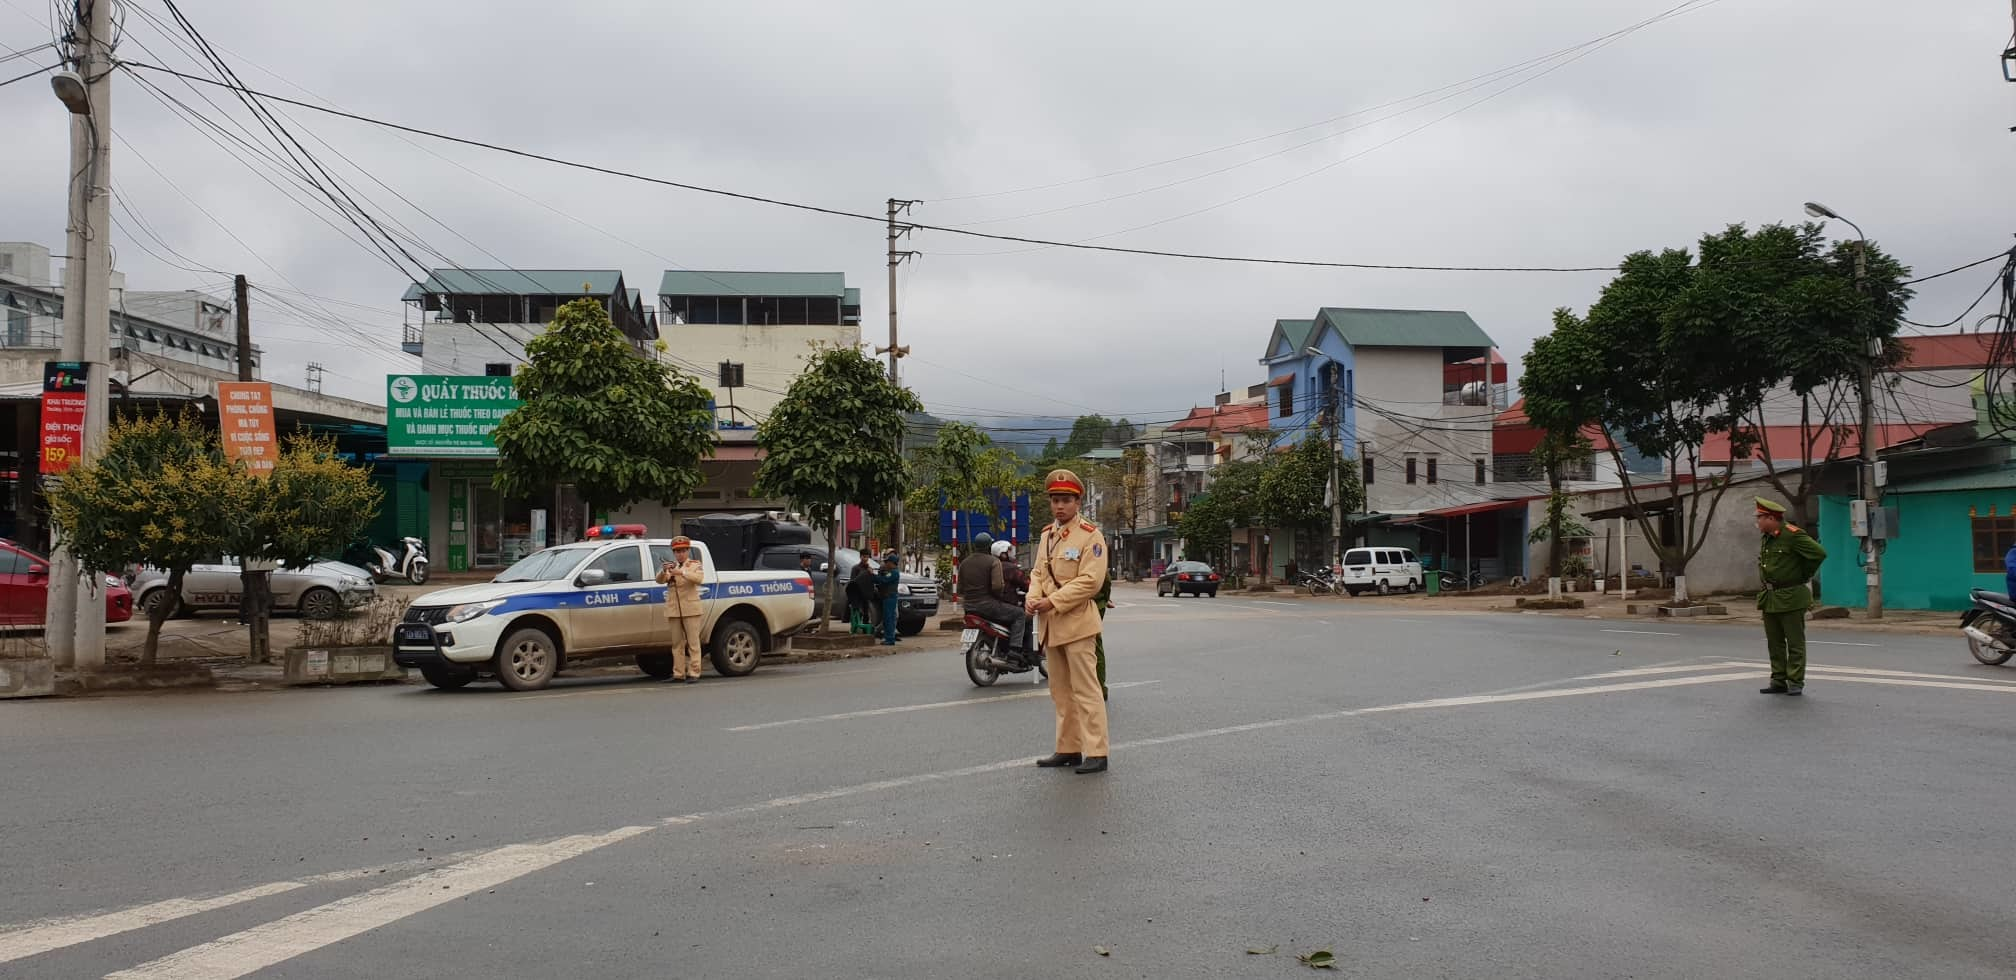 Cấm đường 3 ngày, đi Hà Nội - Lạng Sơn theo lối này